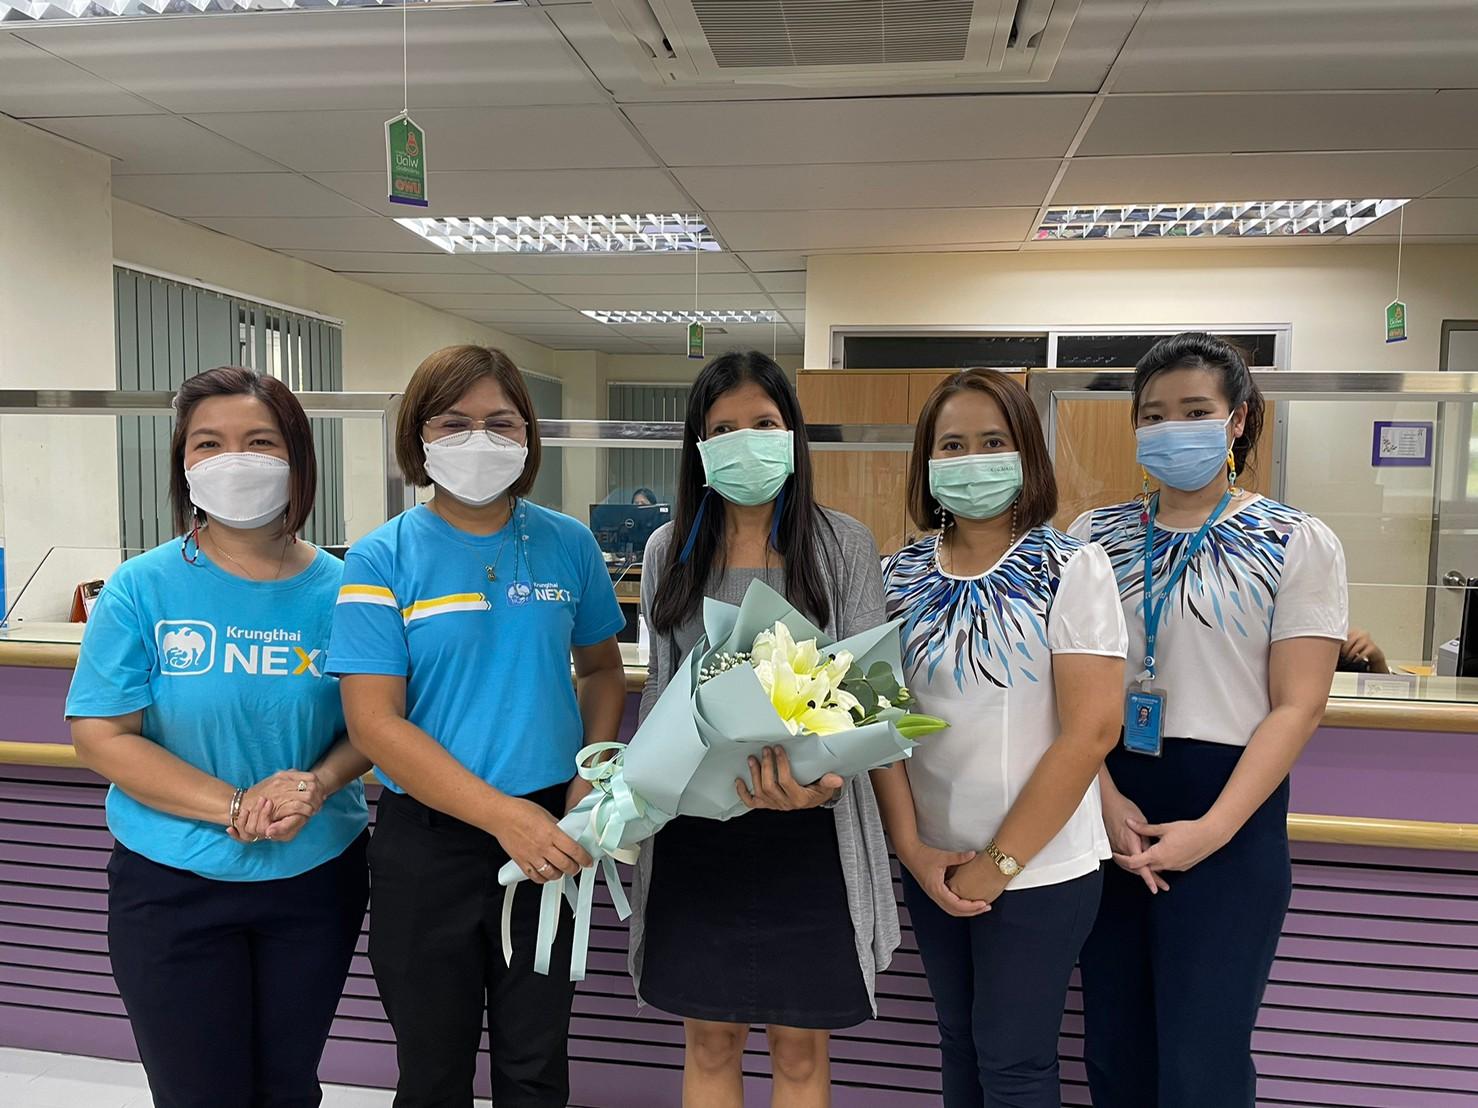 ธนาคารกรุงไทยมาแสดงความยินดี_๒๑๐๗๐๖_1